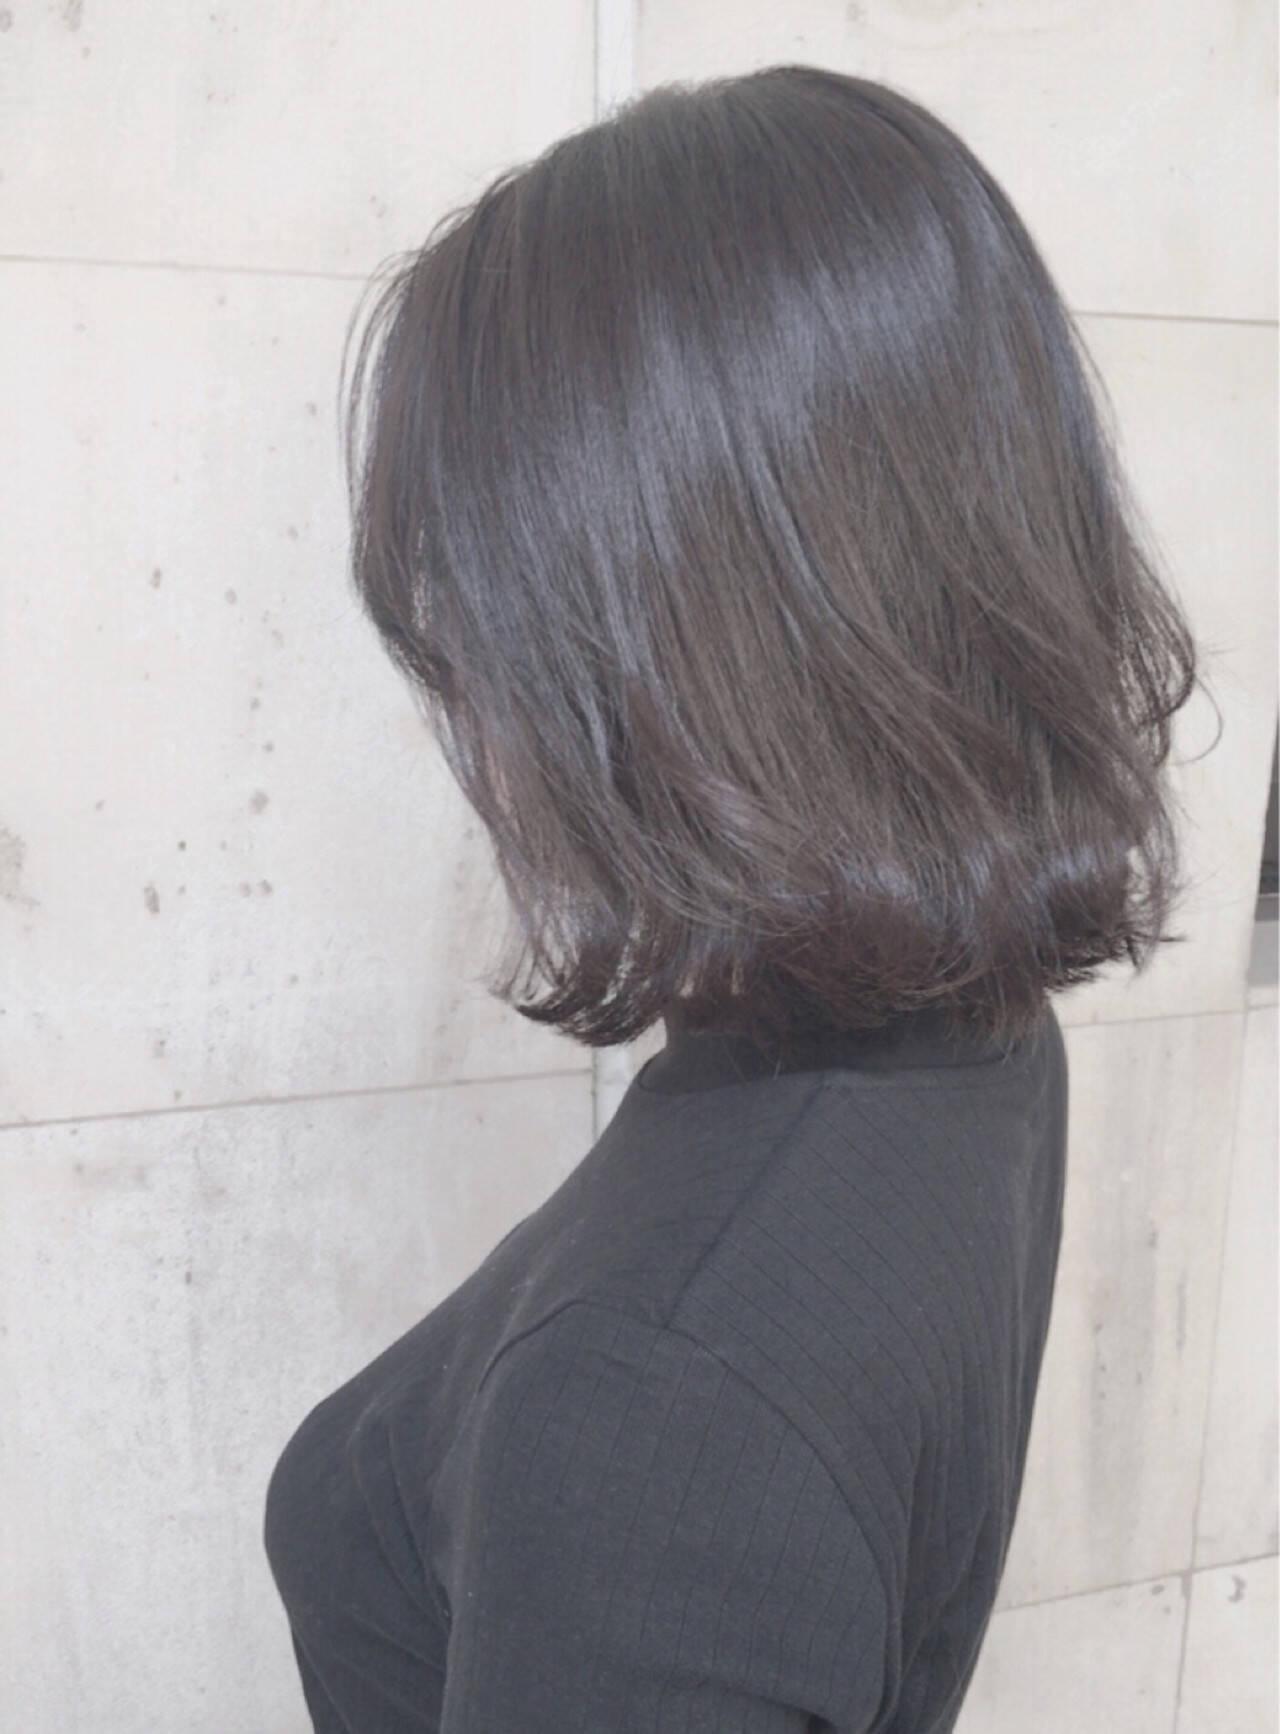 ボブ 冬 暗髪 グレージュヘアスタイルや髪型の写真・画像